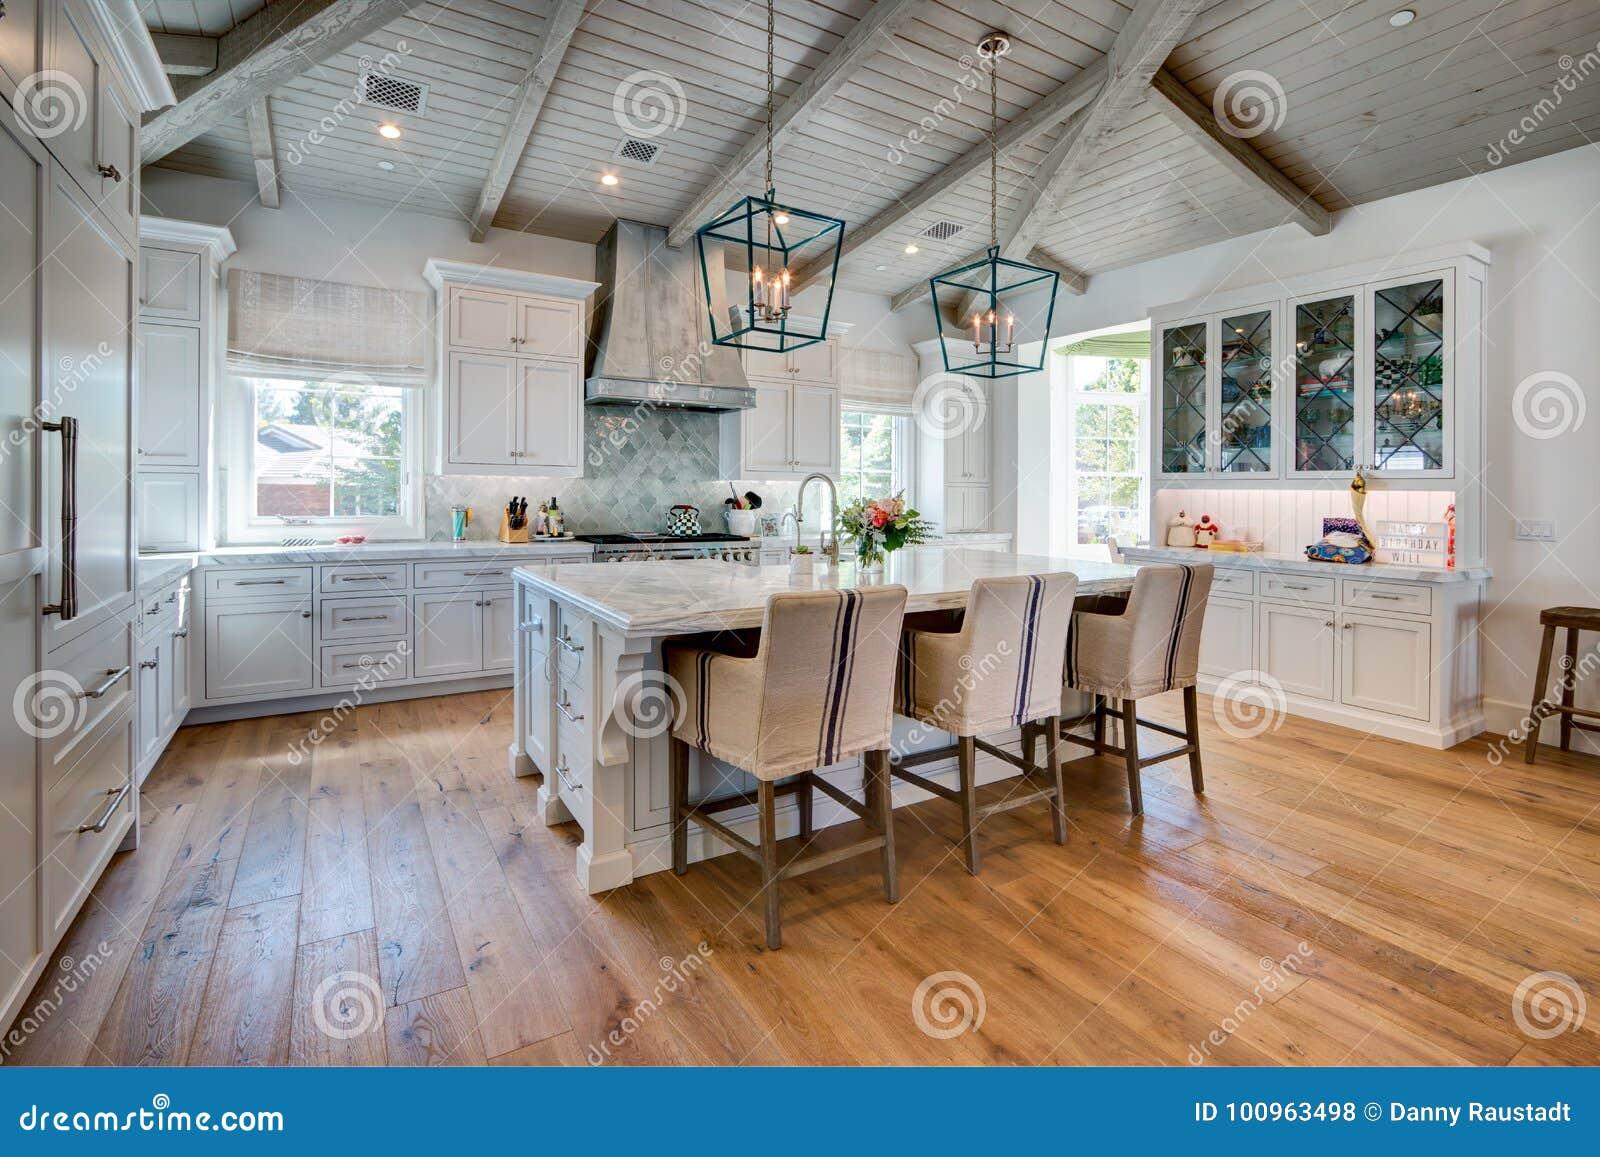 Cuisine à la maison moderne lumineuse énorme